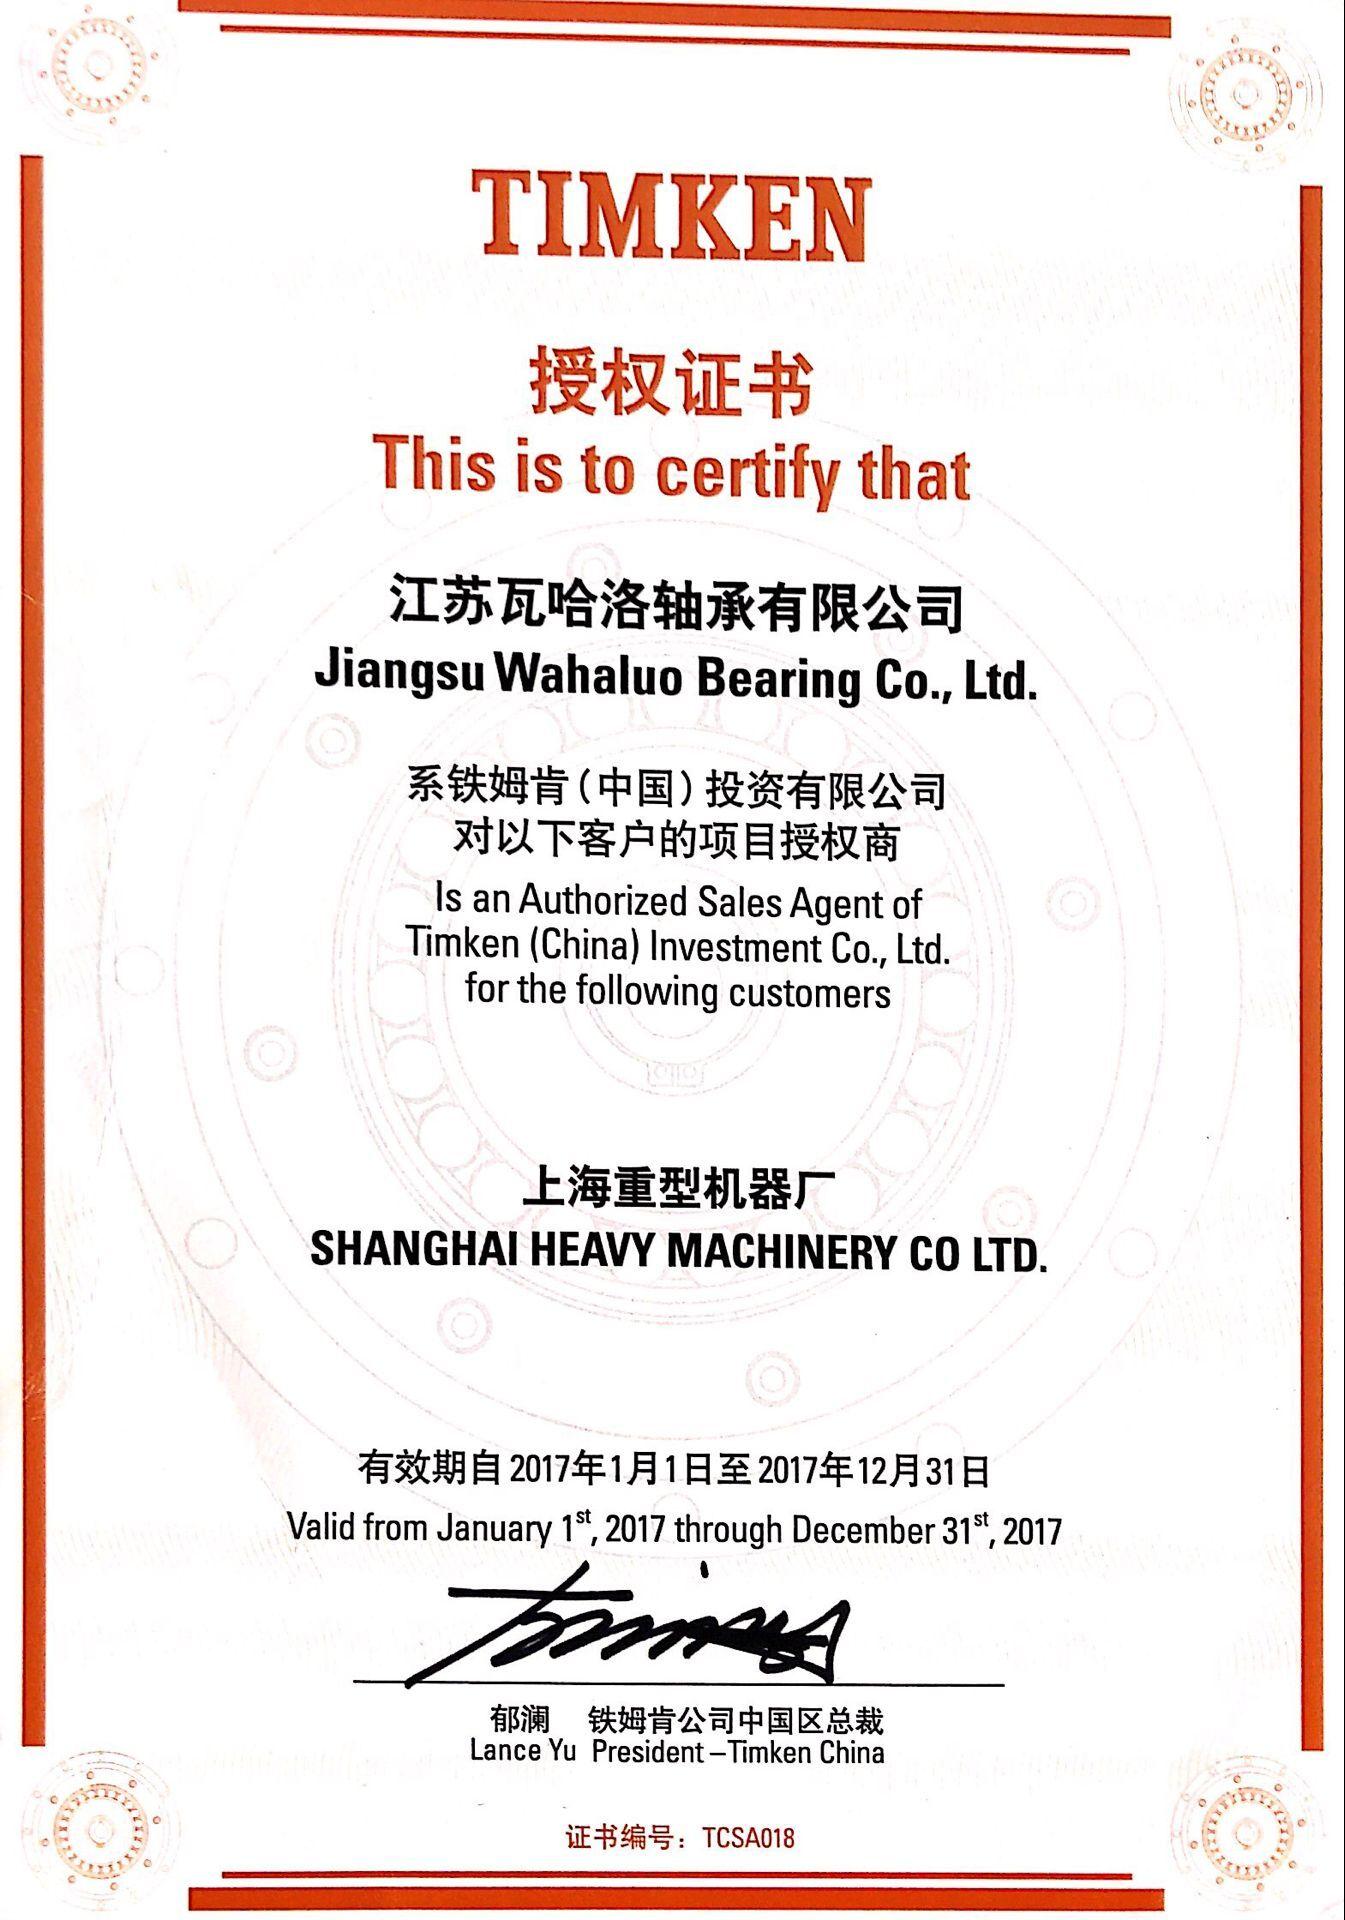 TIMKEN授权瓦哈洛2017年证书